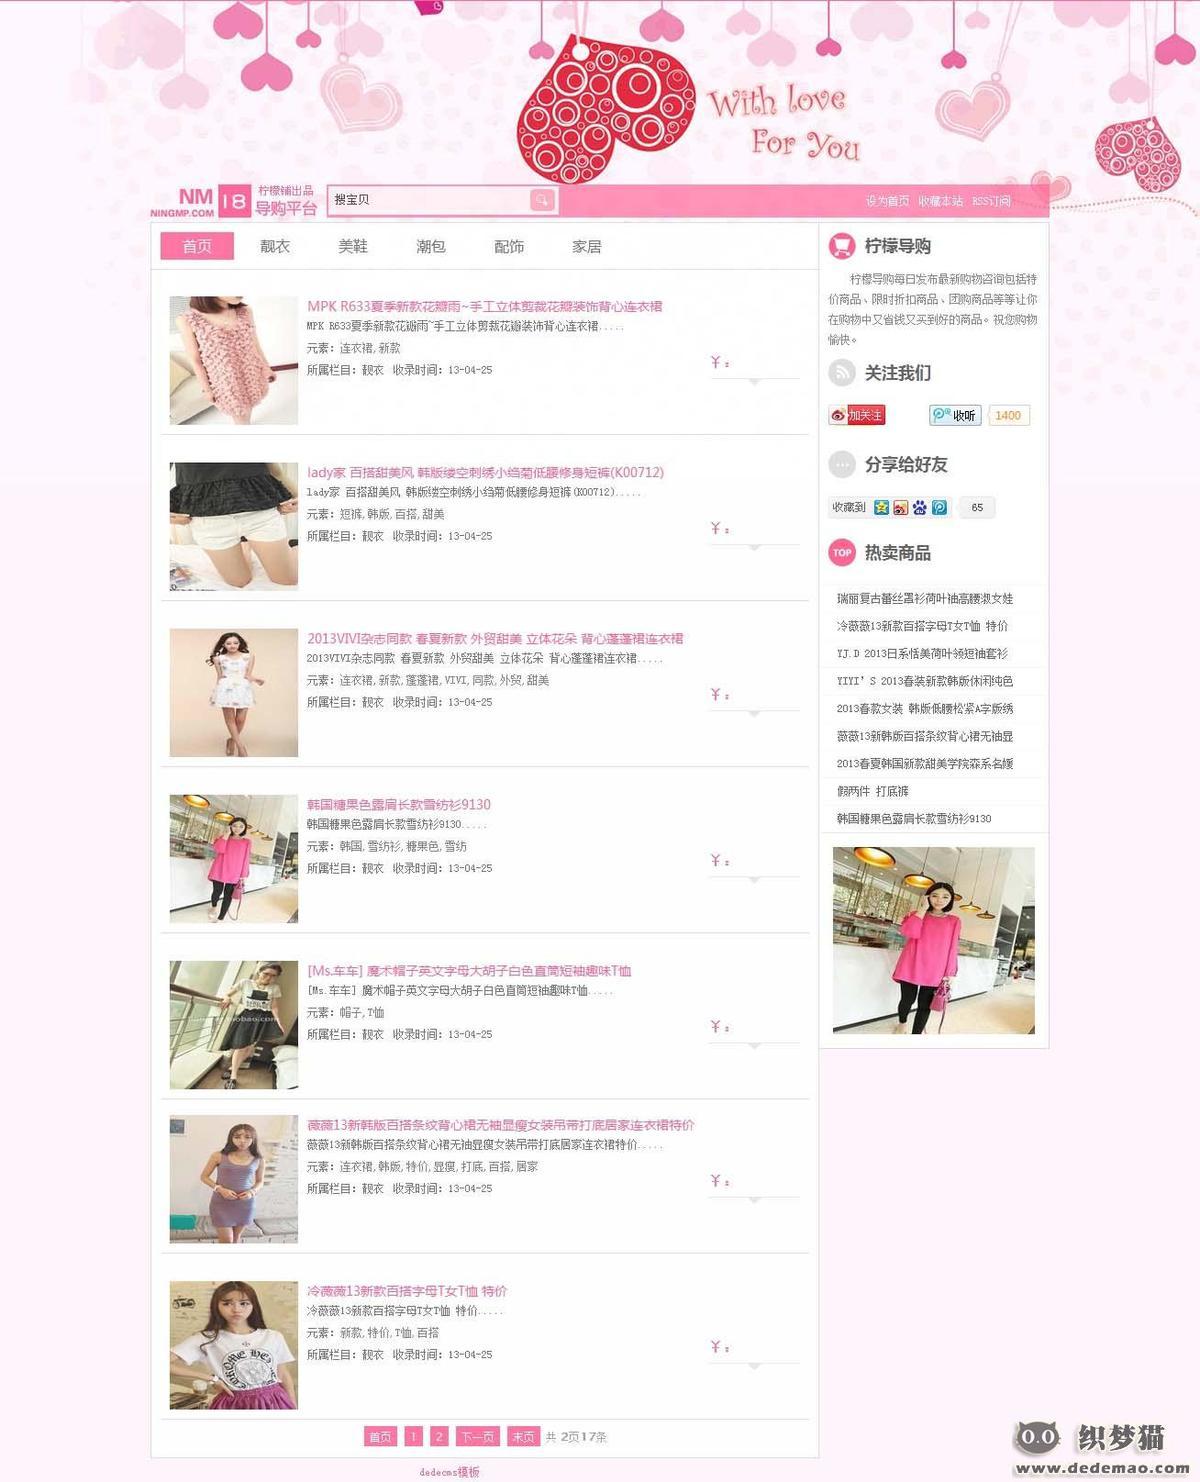 【织梦模板】粉红色淘宝客导购平台织梦模板